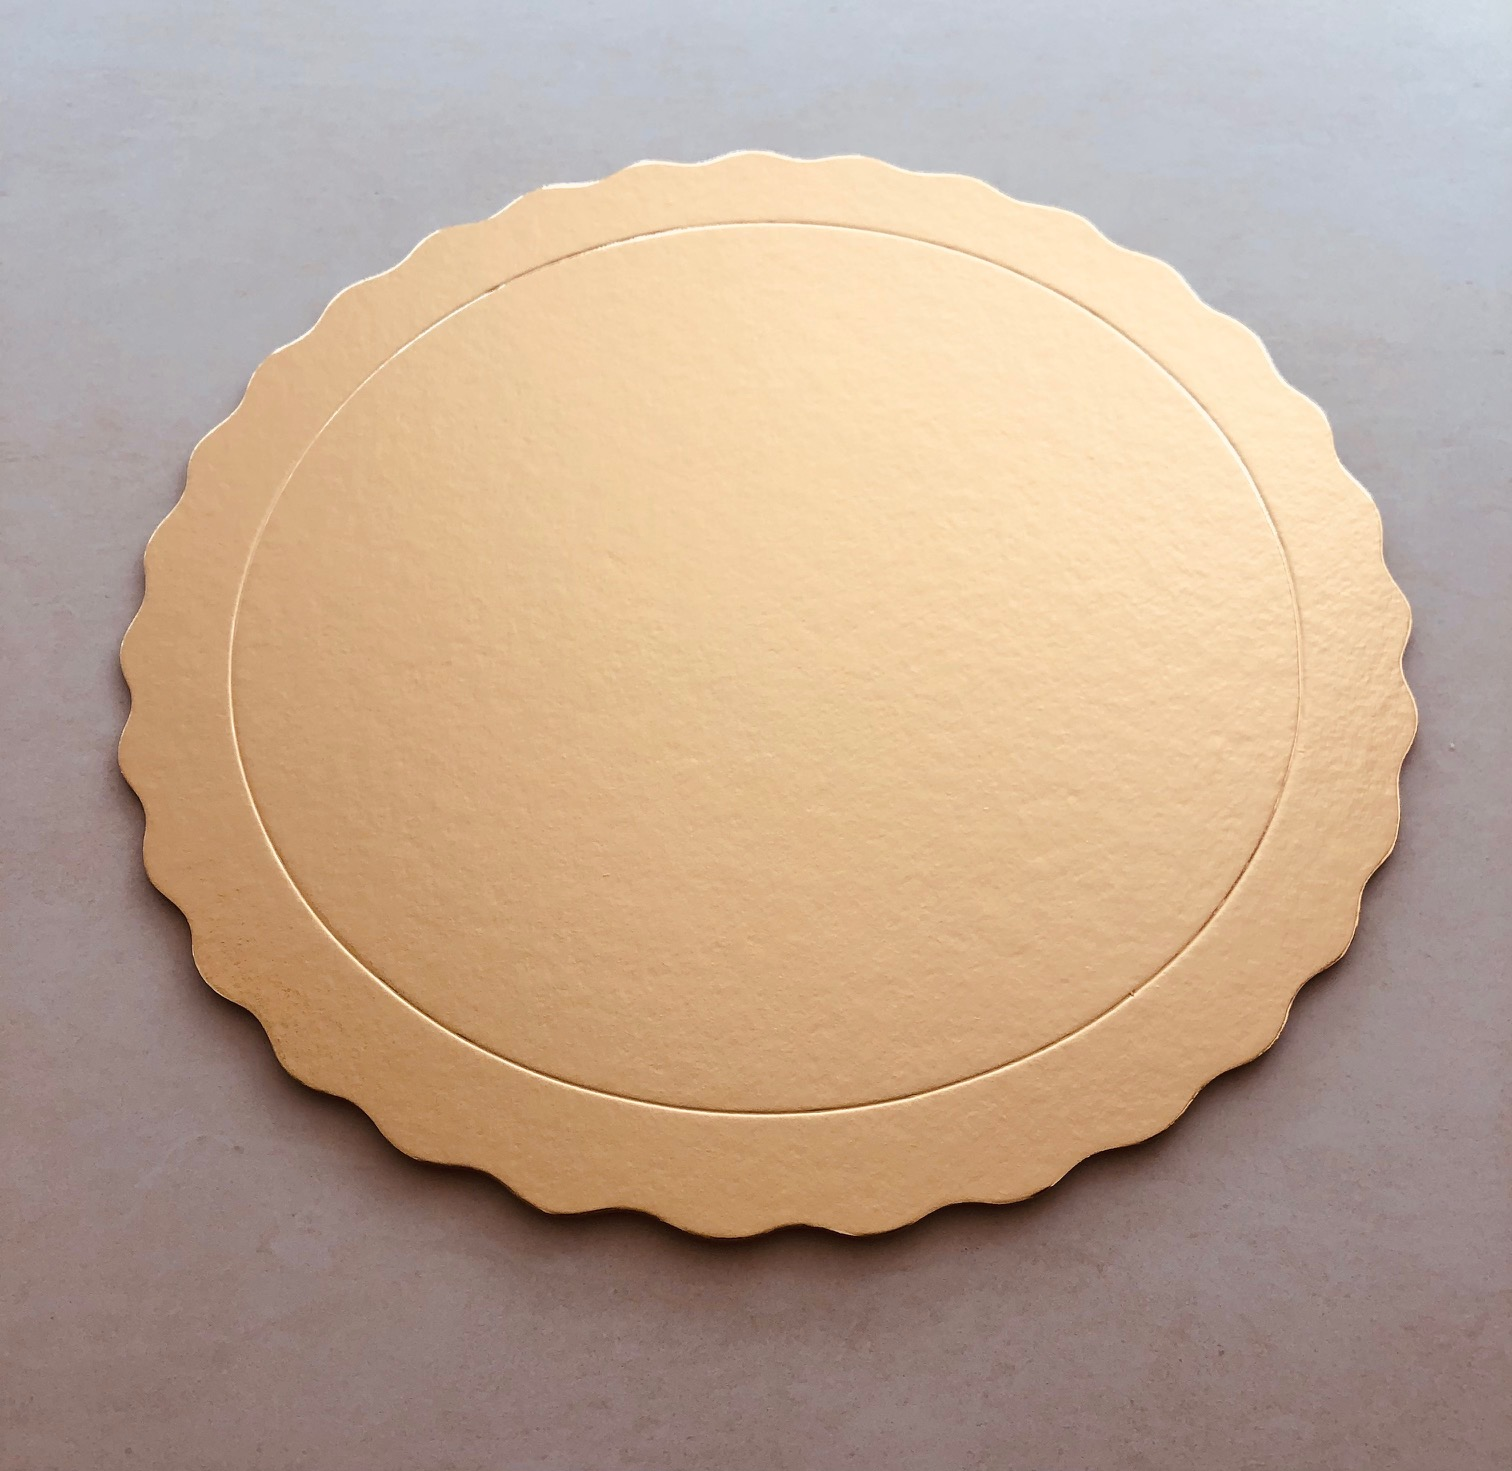 20 Bases Laminadas Para Bolo Redondo, Cake Board 28 cm - Ouro